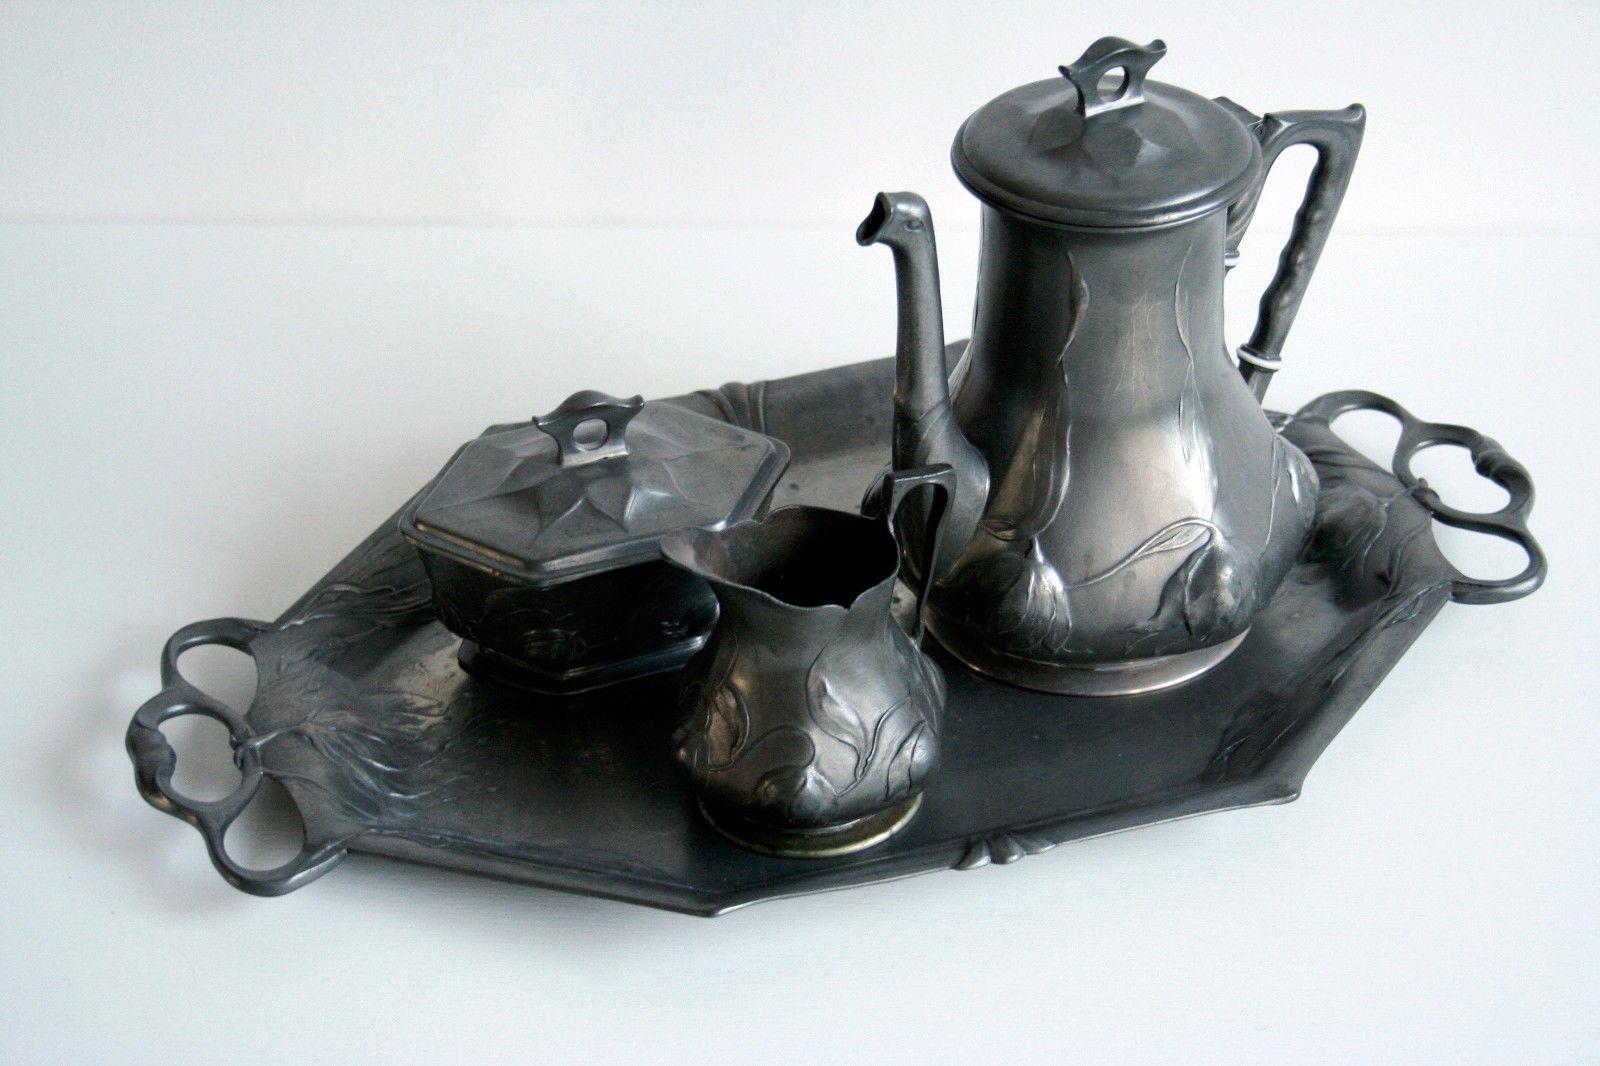 Jugendstil zinn Kaffee Set von Orivit FOR SALE • EUR 295,00 • See Photos! Money Back Guarantee. Jugendstil Kaffee Set aus zinn in gutem gebrauchten zustand mit kleine altersspuren (siehe bilder) manufaktur: Orivit Metallwarenfabrik (Köln) produziert um 1900 - 1910 tablett 46 x 28 cm, höhe kaffeekanne 232155315712